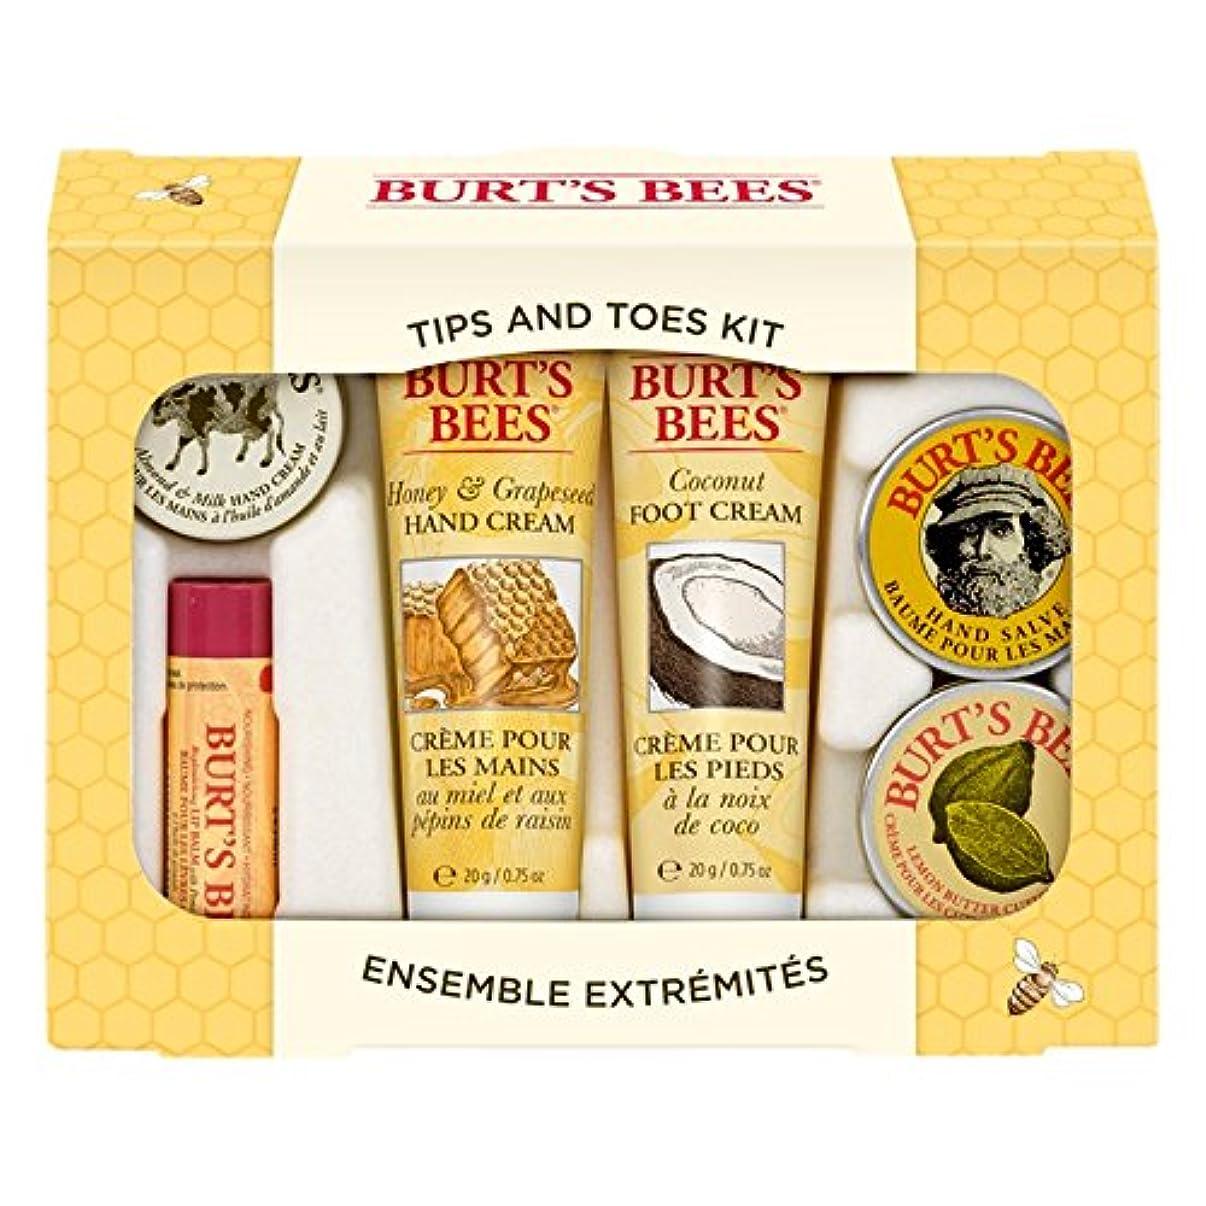 塩辛い魅力的曲線バーツビーのヒントとつま先はスターターキットをスキンケア (Burt's Bees) - Burt's Bees Tips And Toes Skincare Starter Kit [並行輸入品]